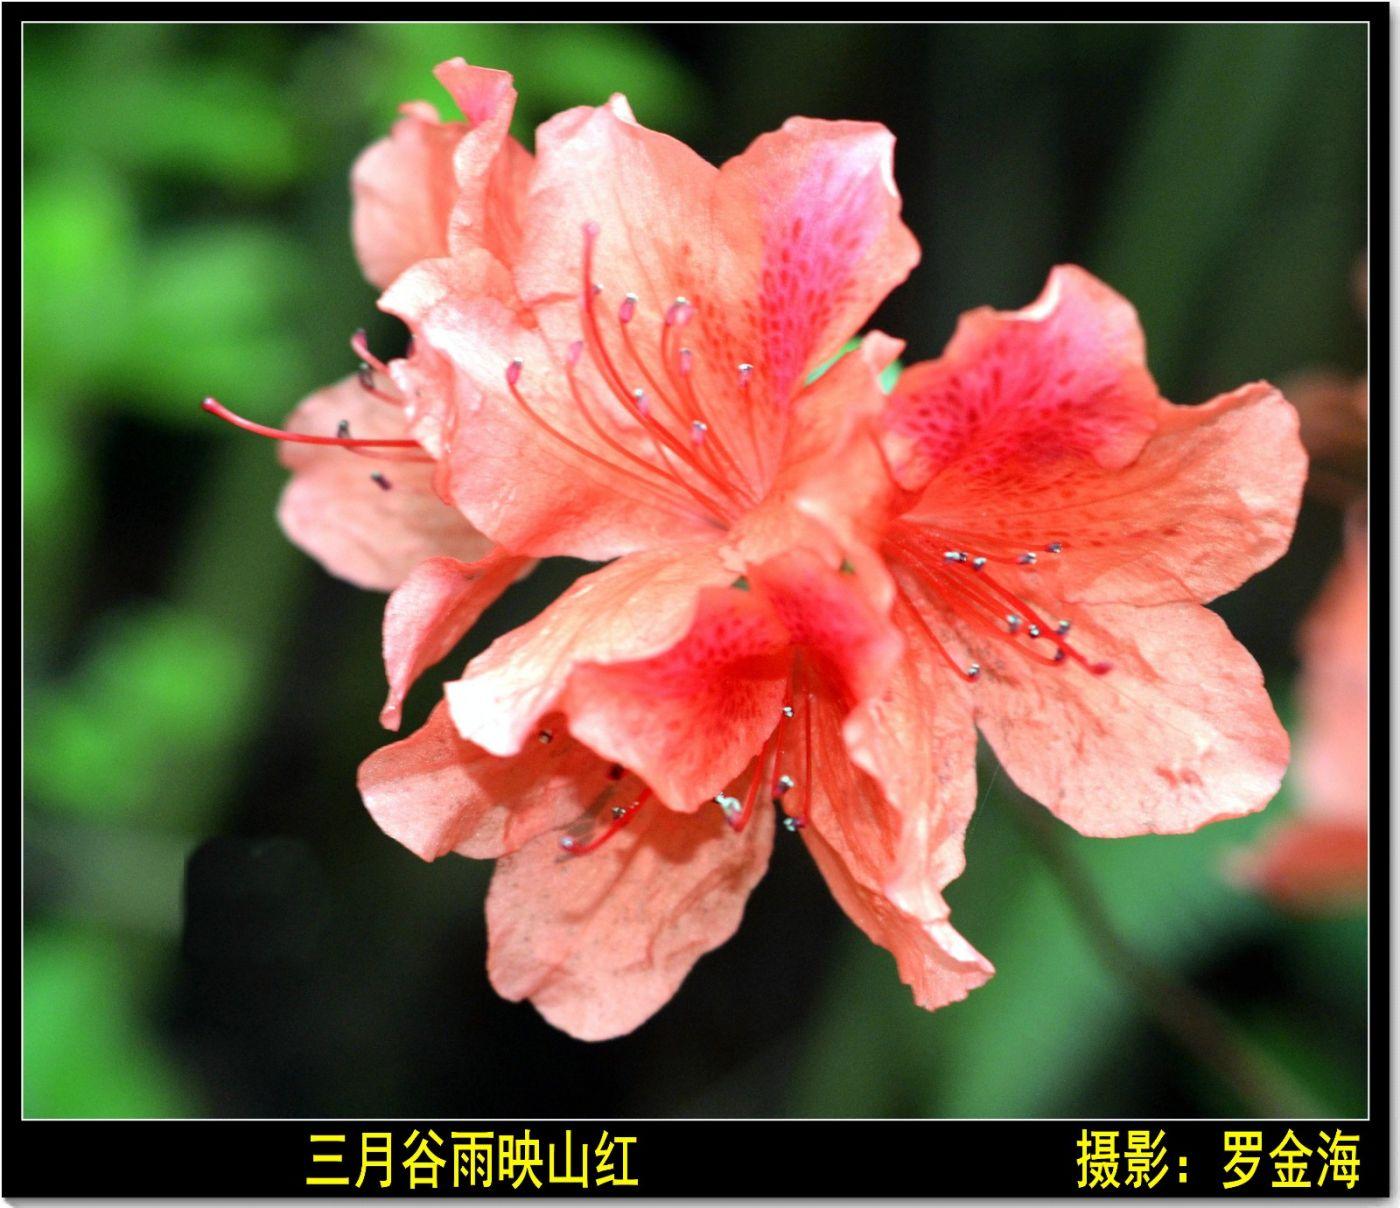 三月谷雨诗词记_图1-1